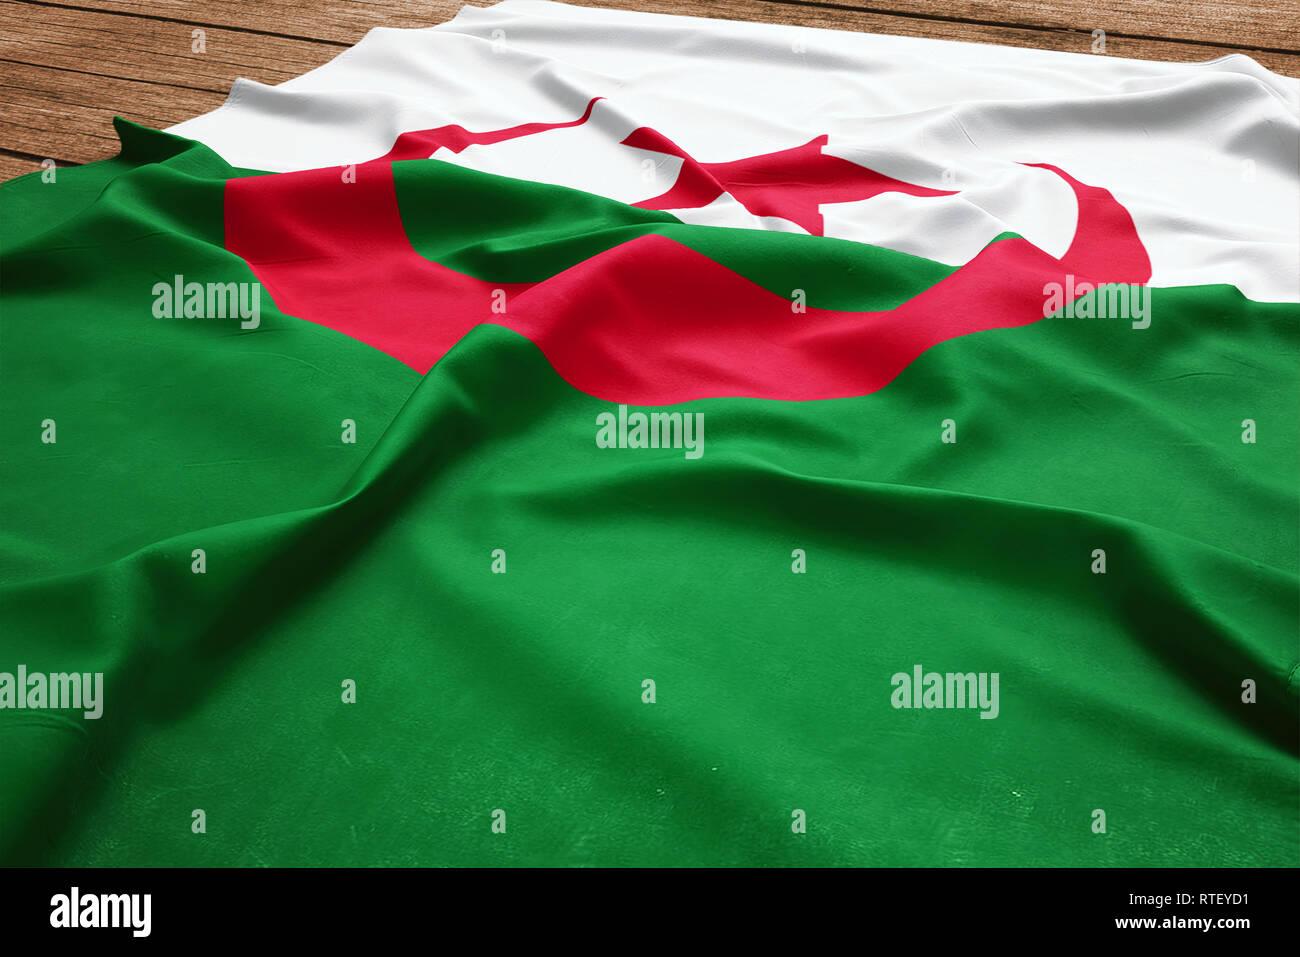 Pavillon de lalgérie sur un bureau en bois. drapeau algérien soie